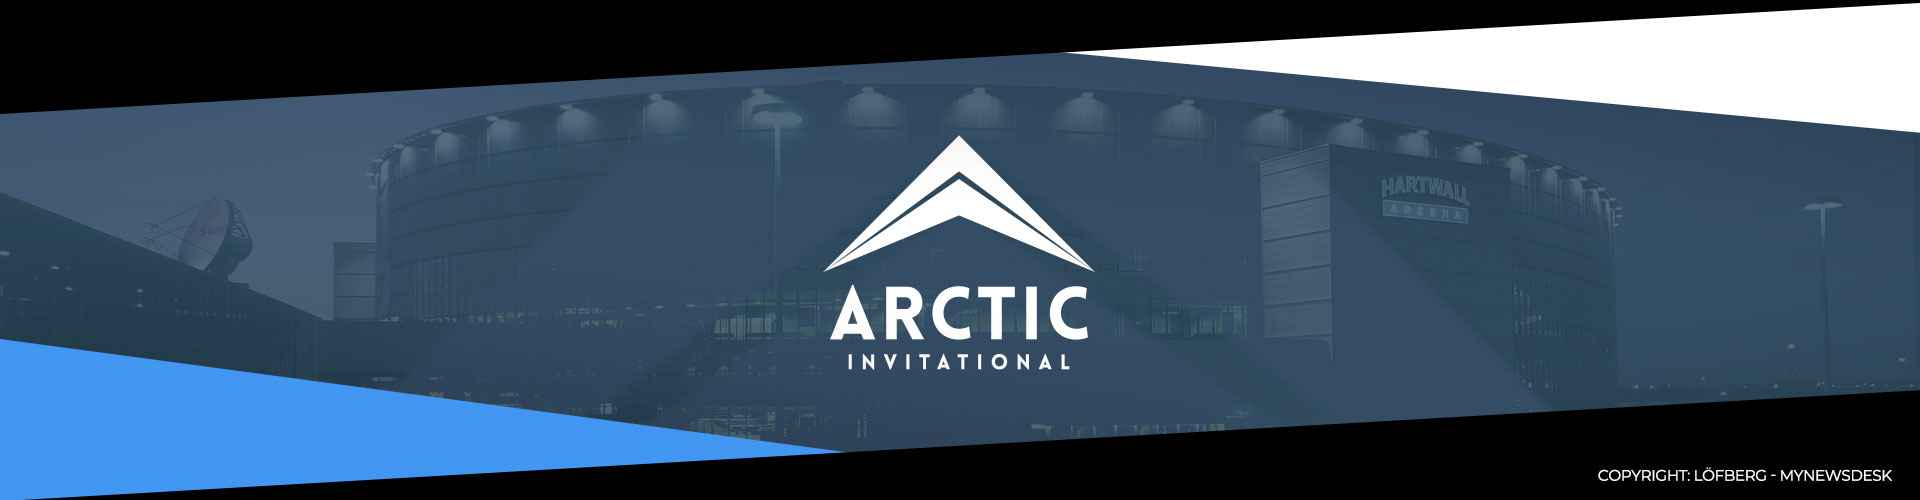 Vi tar en titt på lagen inför Arctic Invitational.